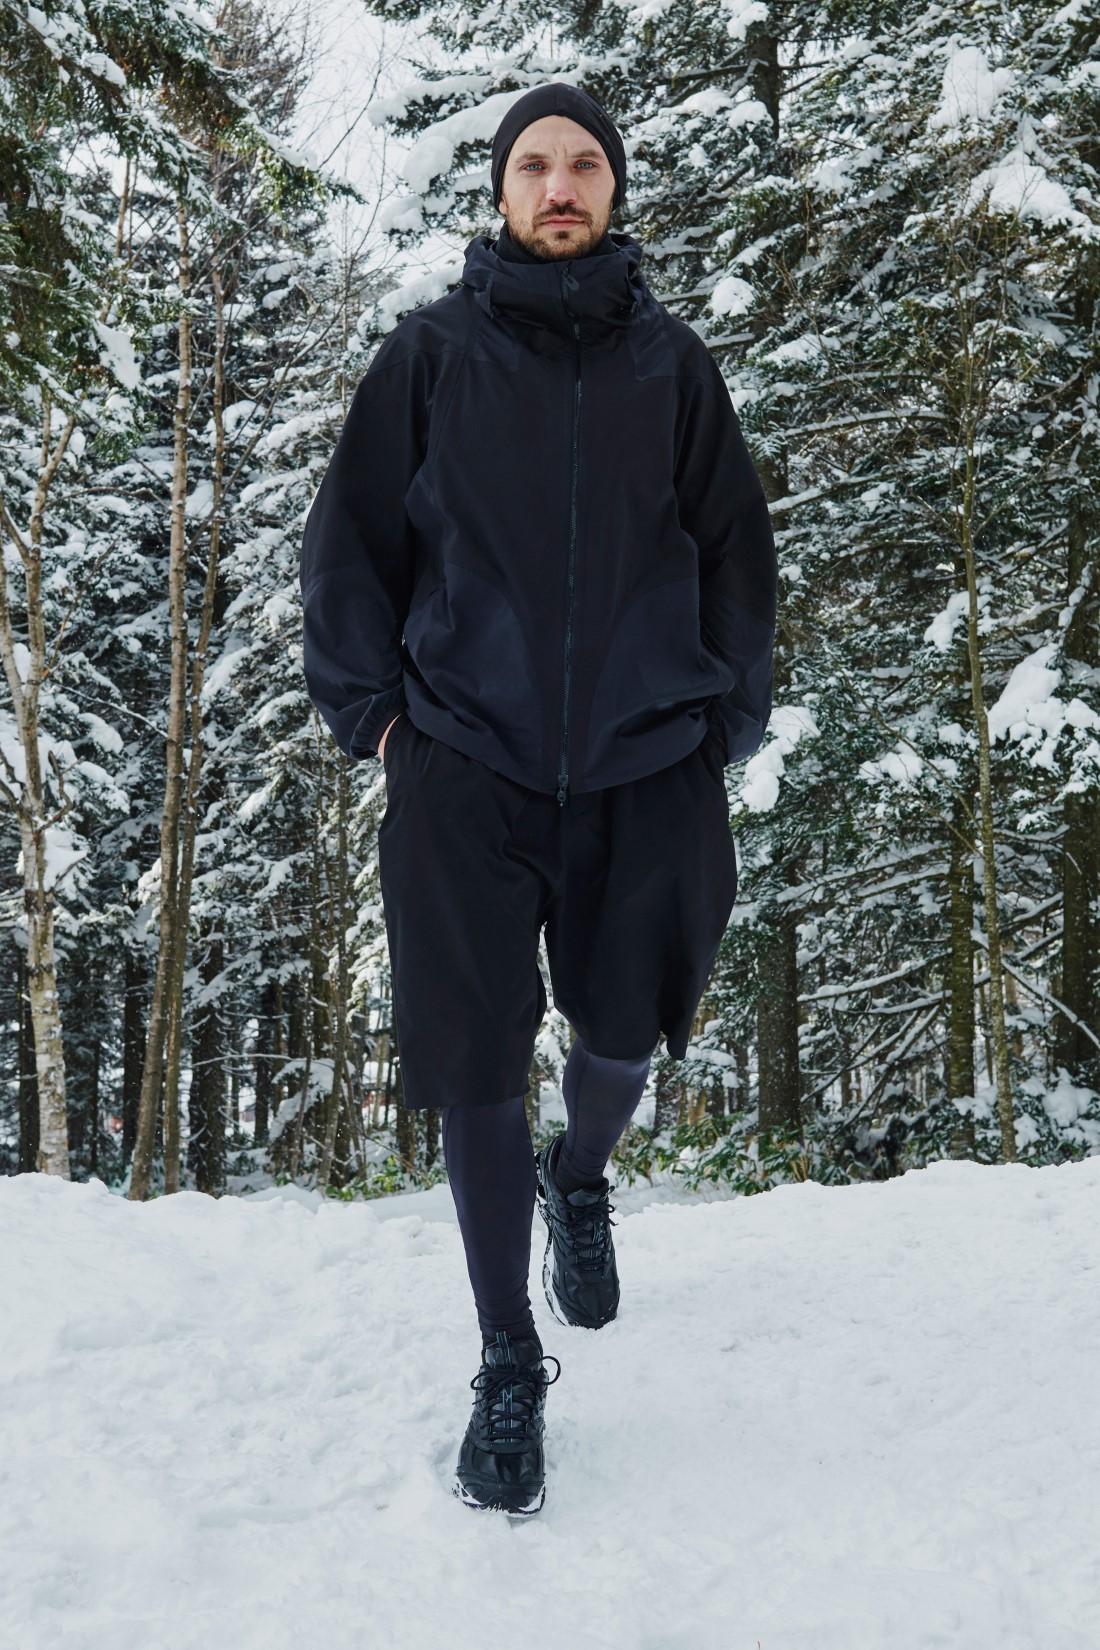 White Mountaineering - Automne-Hiver 2021 - Paris FashionWeek